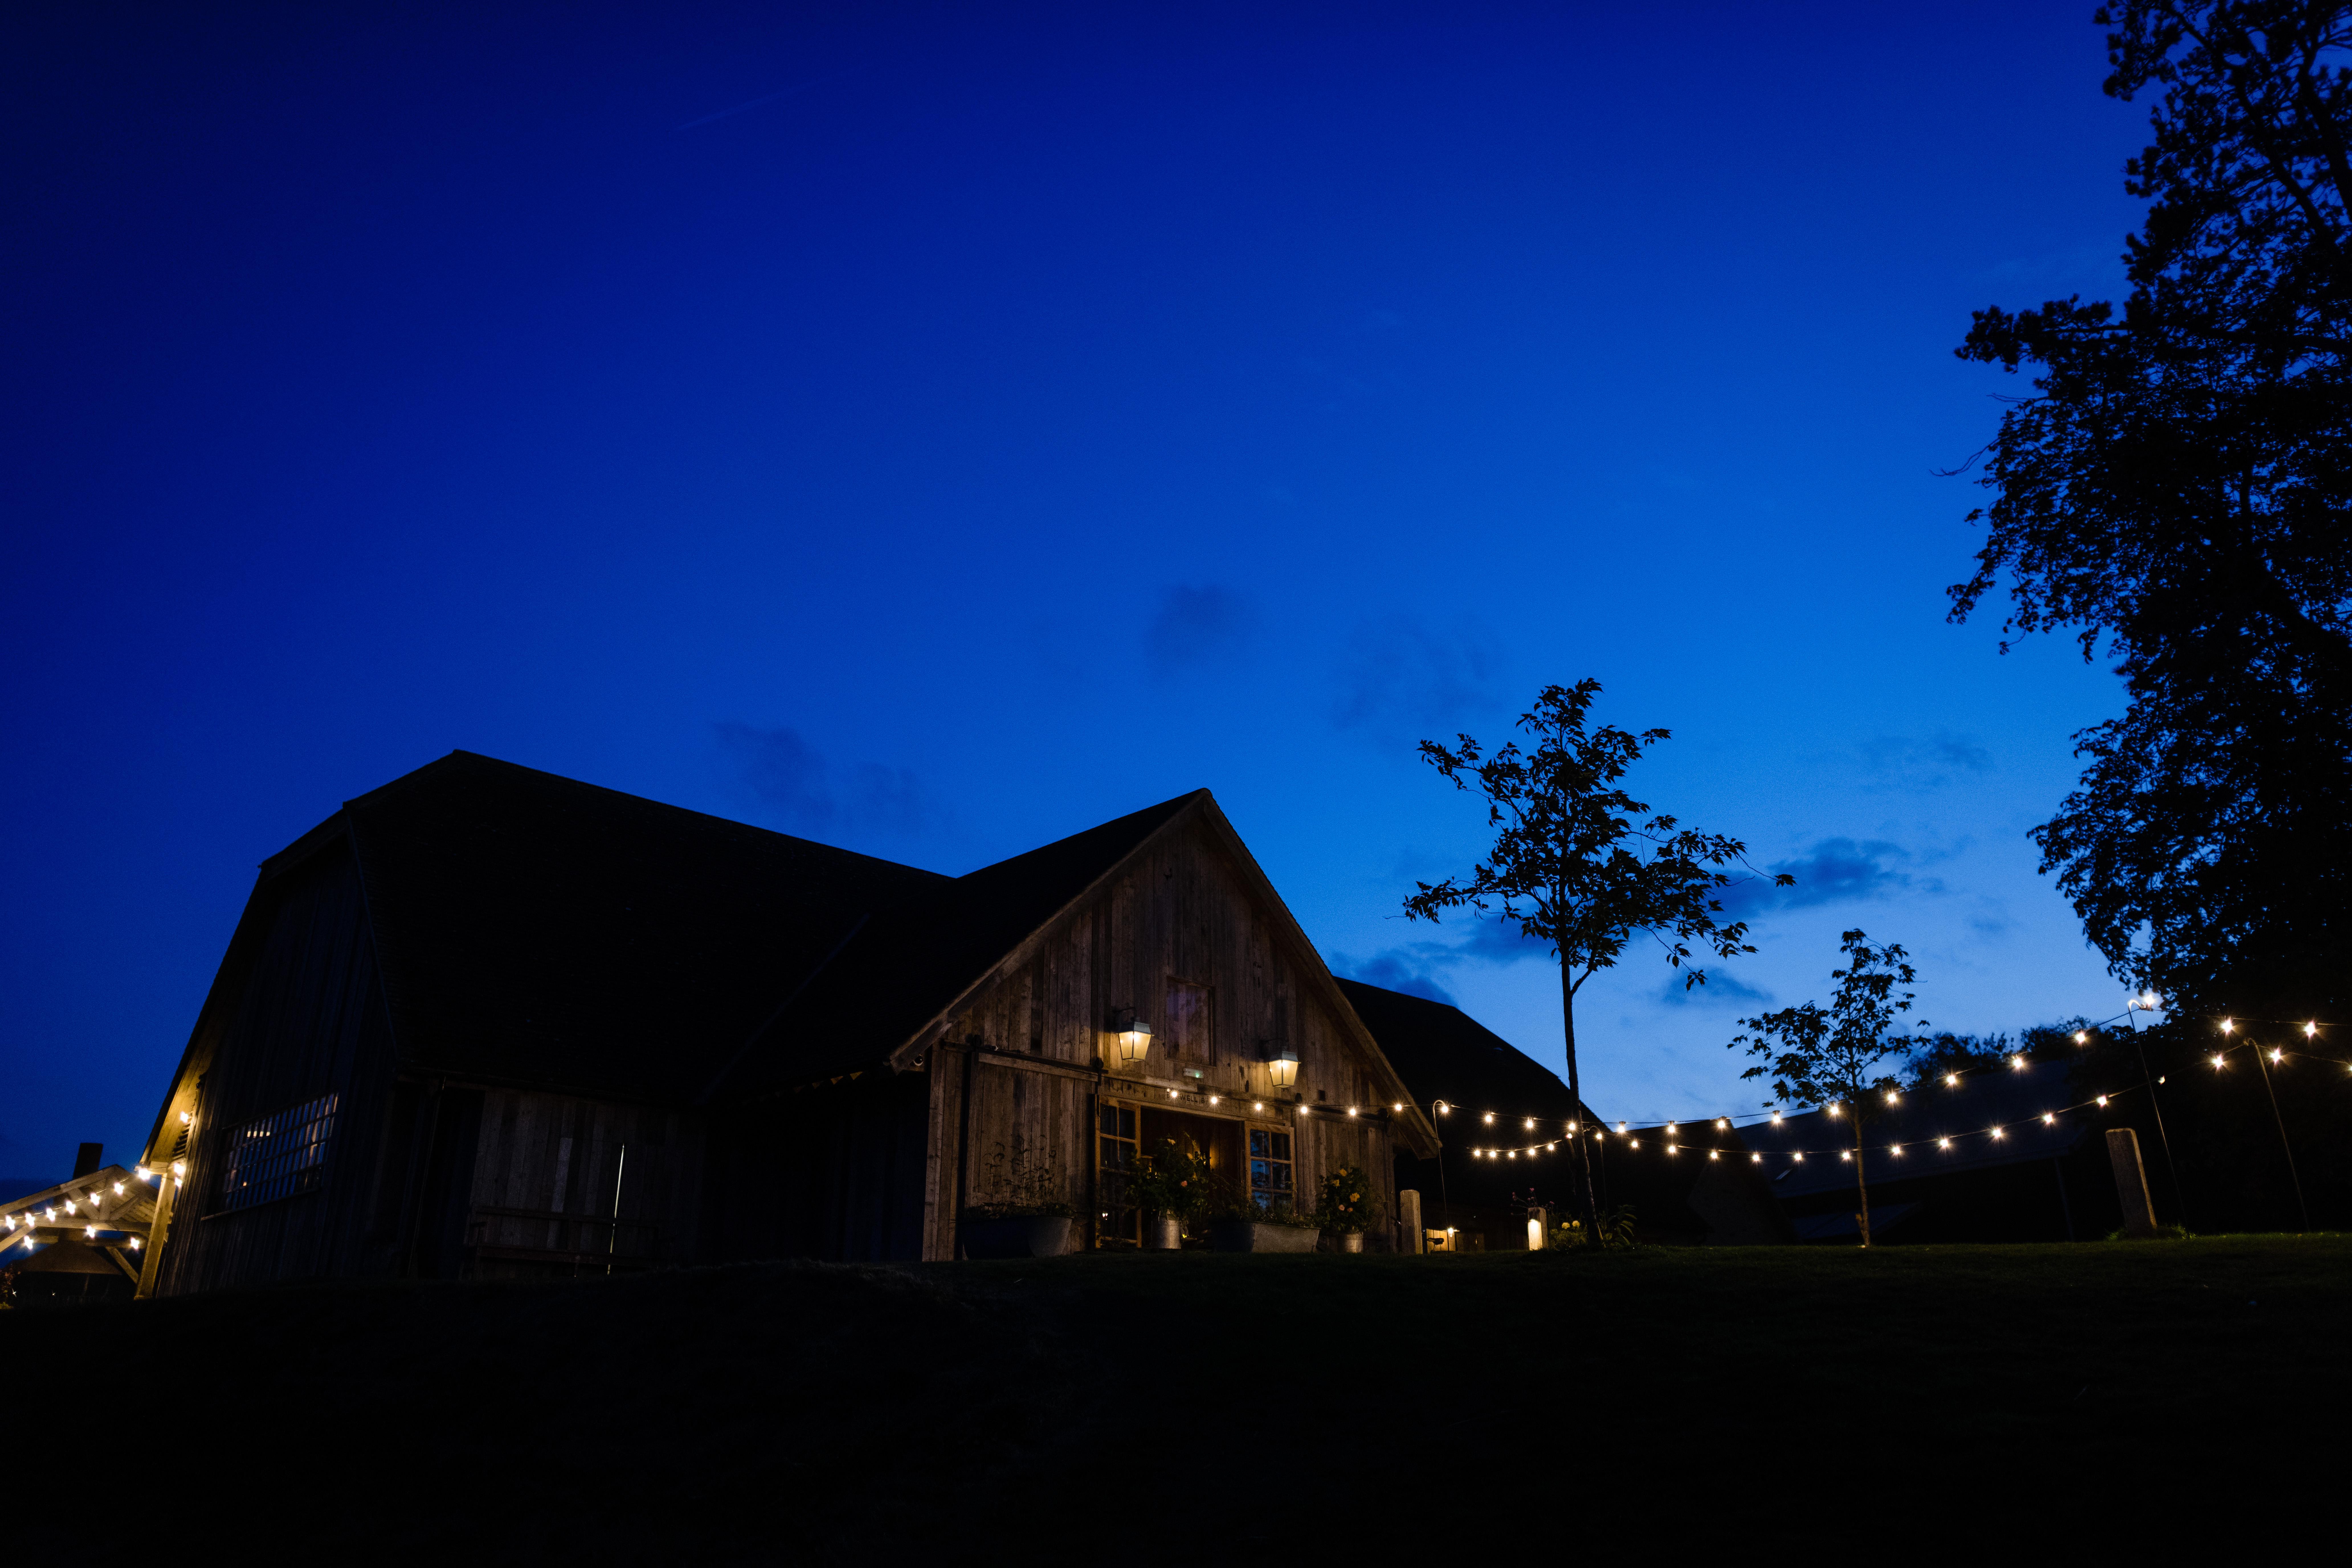 Soho farmhouse at night